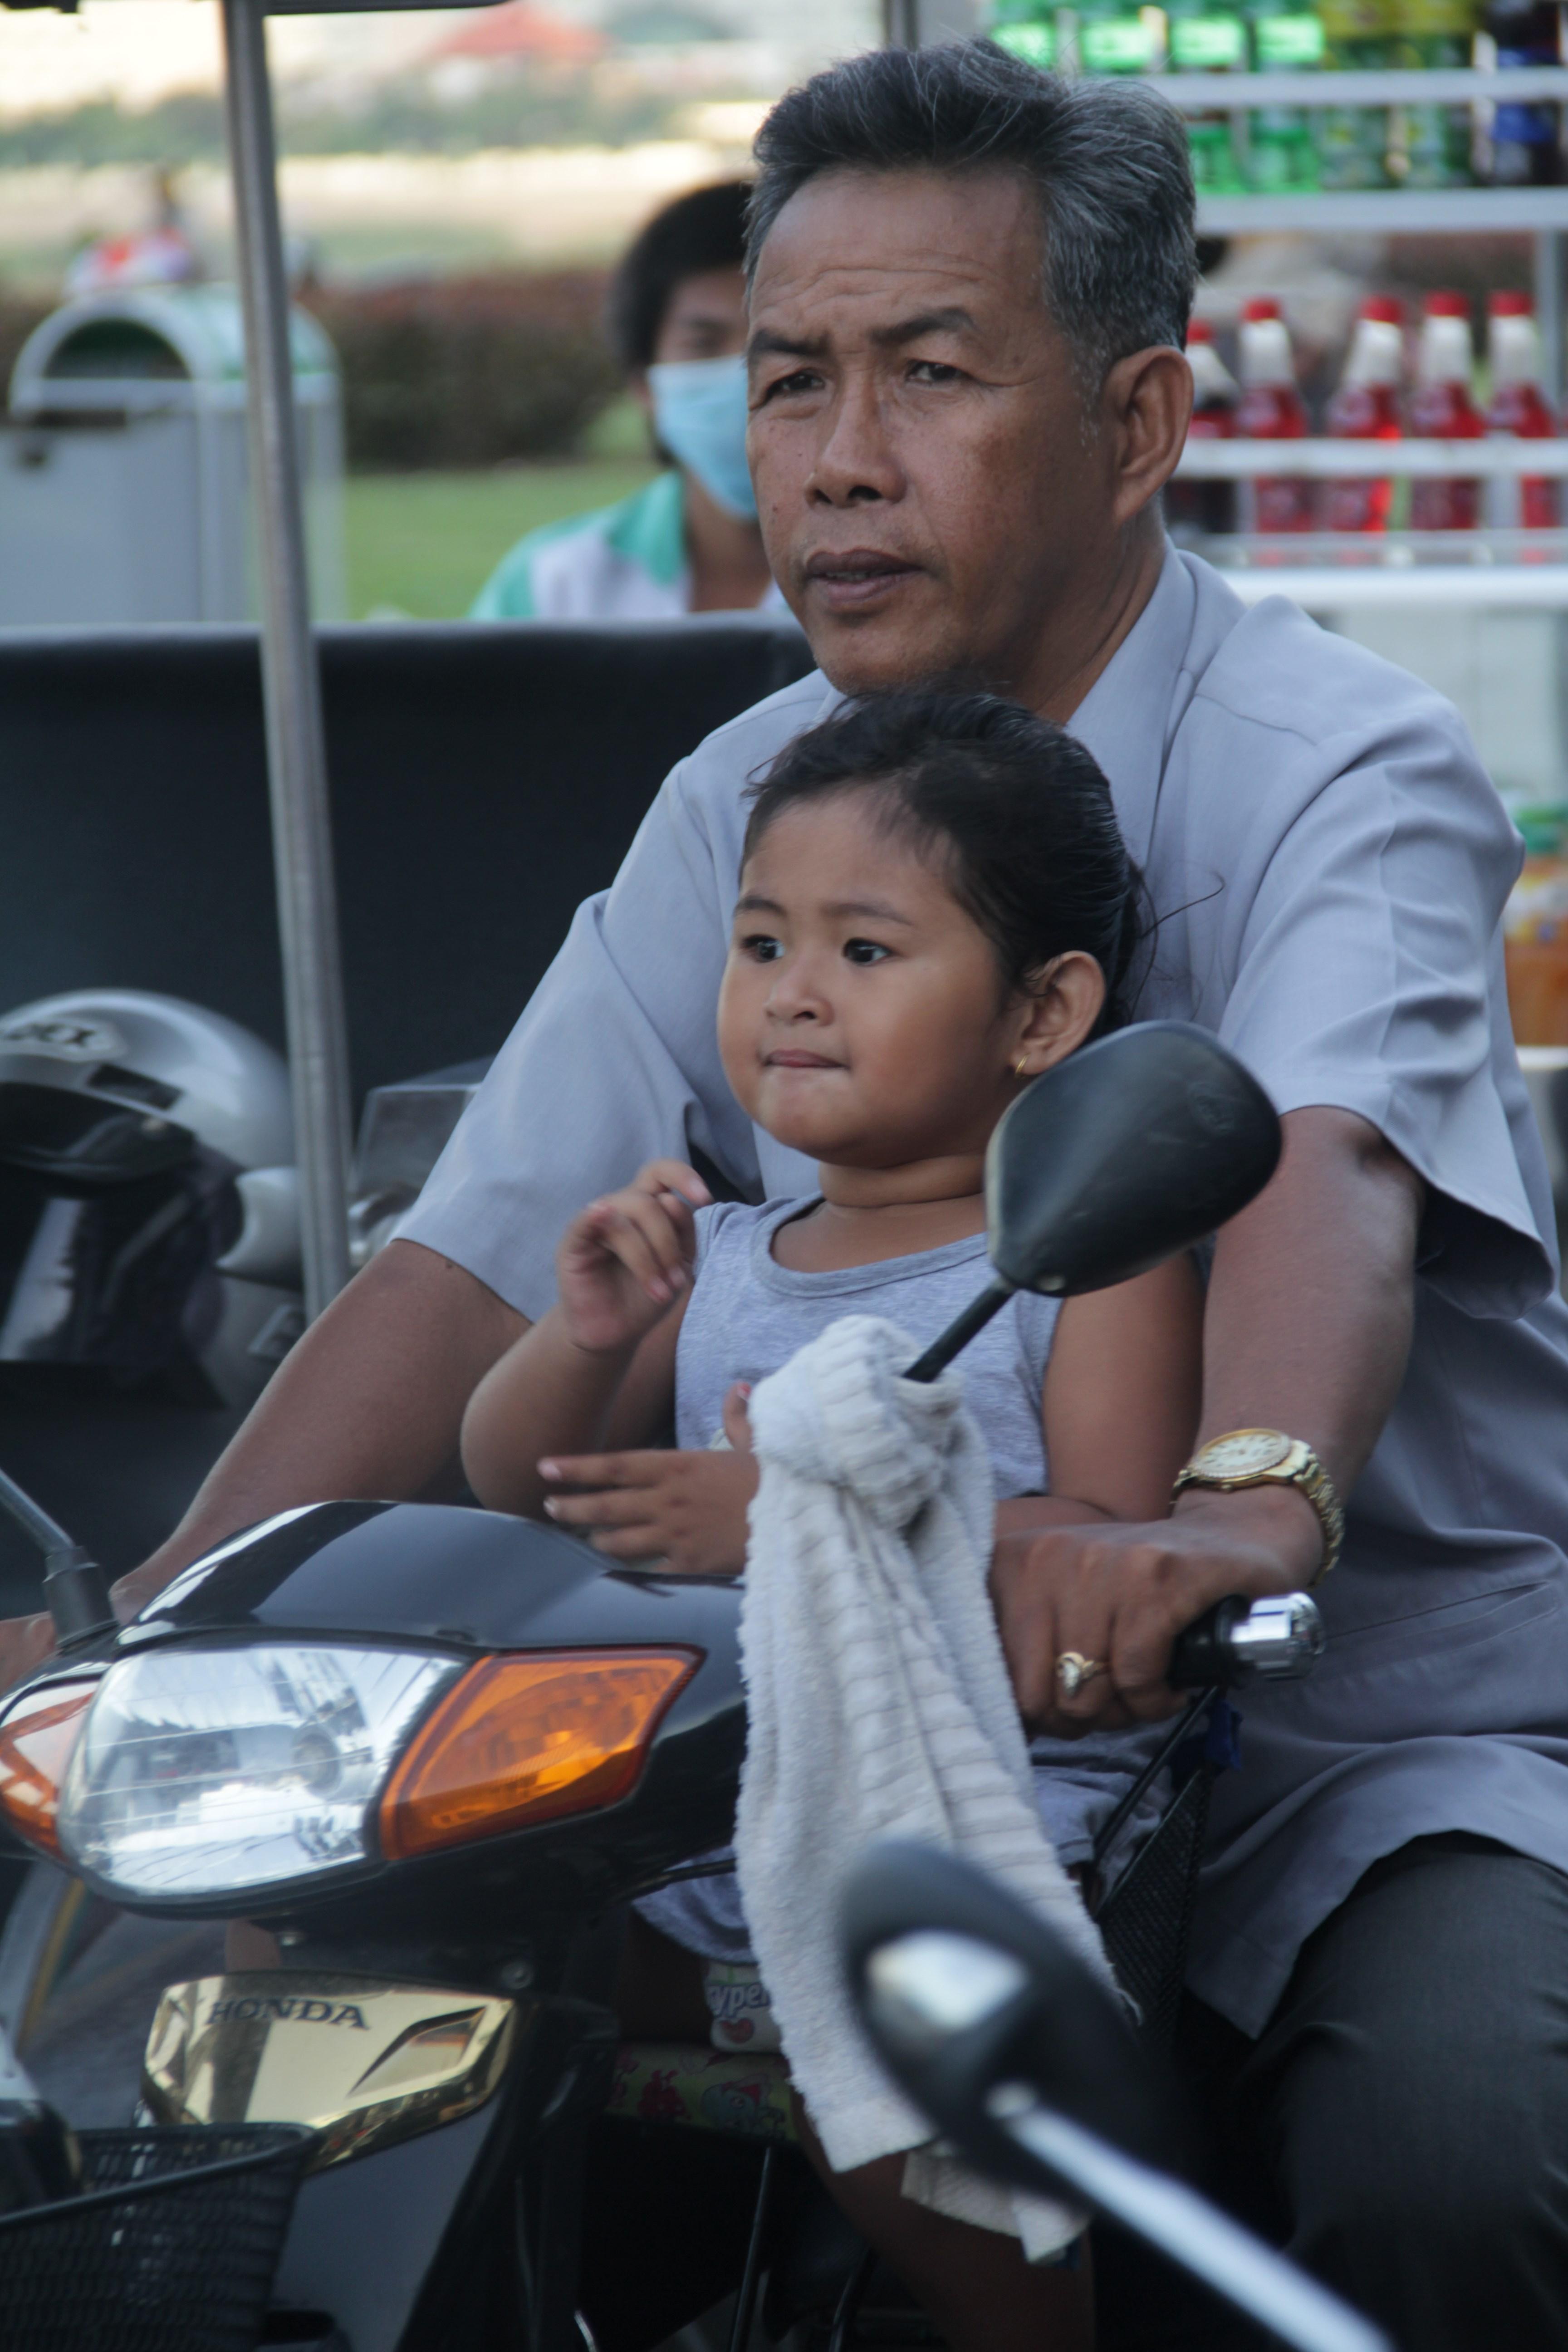 Si l'on voit beaucoup de voitures à Phnom Penh, le scooter reste le moyen de transport principal (© Jérôme Decoster).